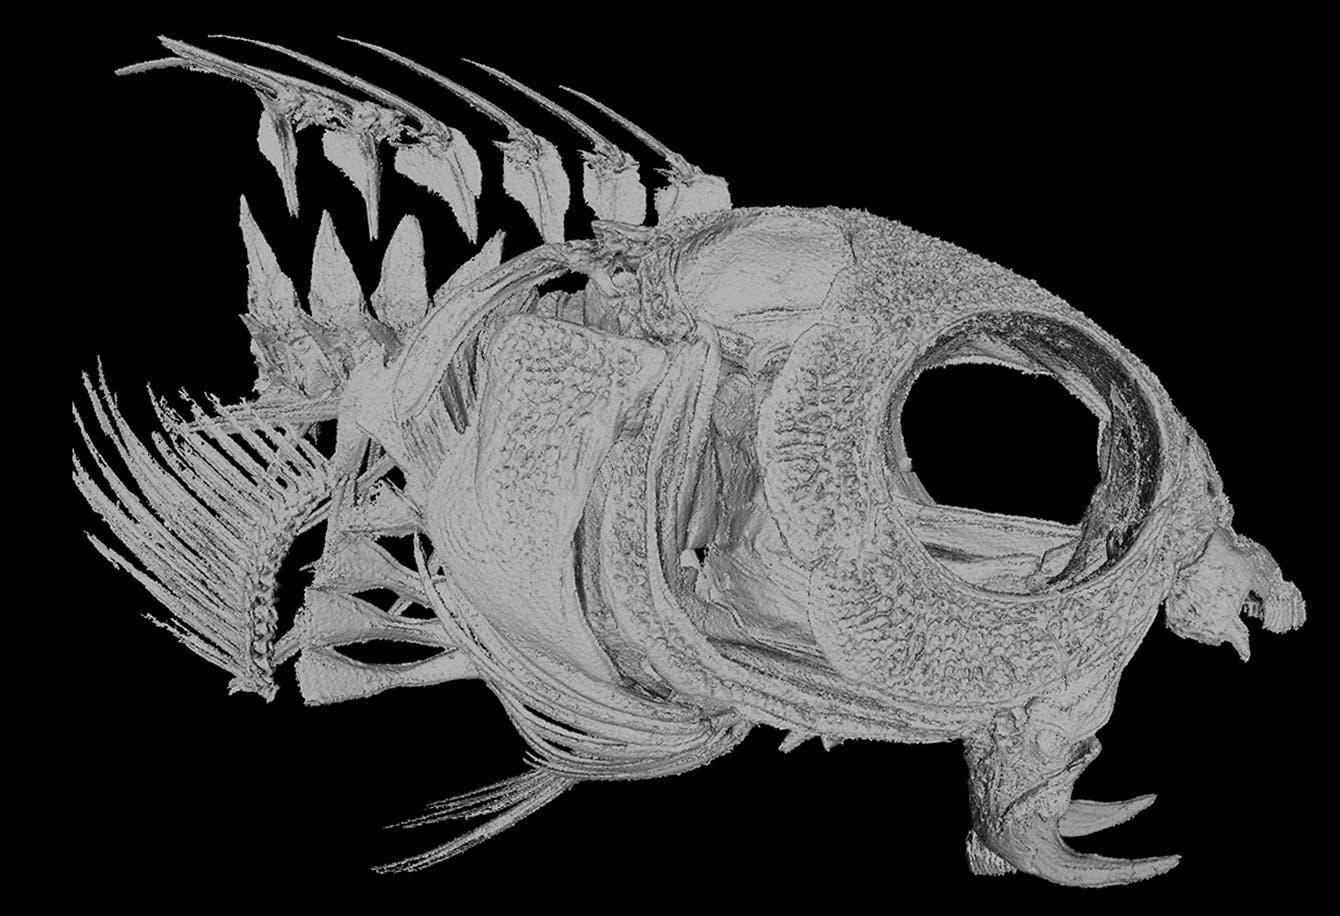 Dreidimensionale Darstellung des Kopfskelett des Fisches.